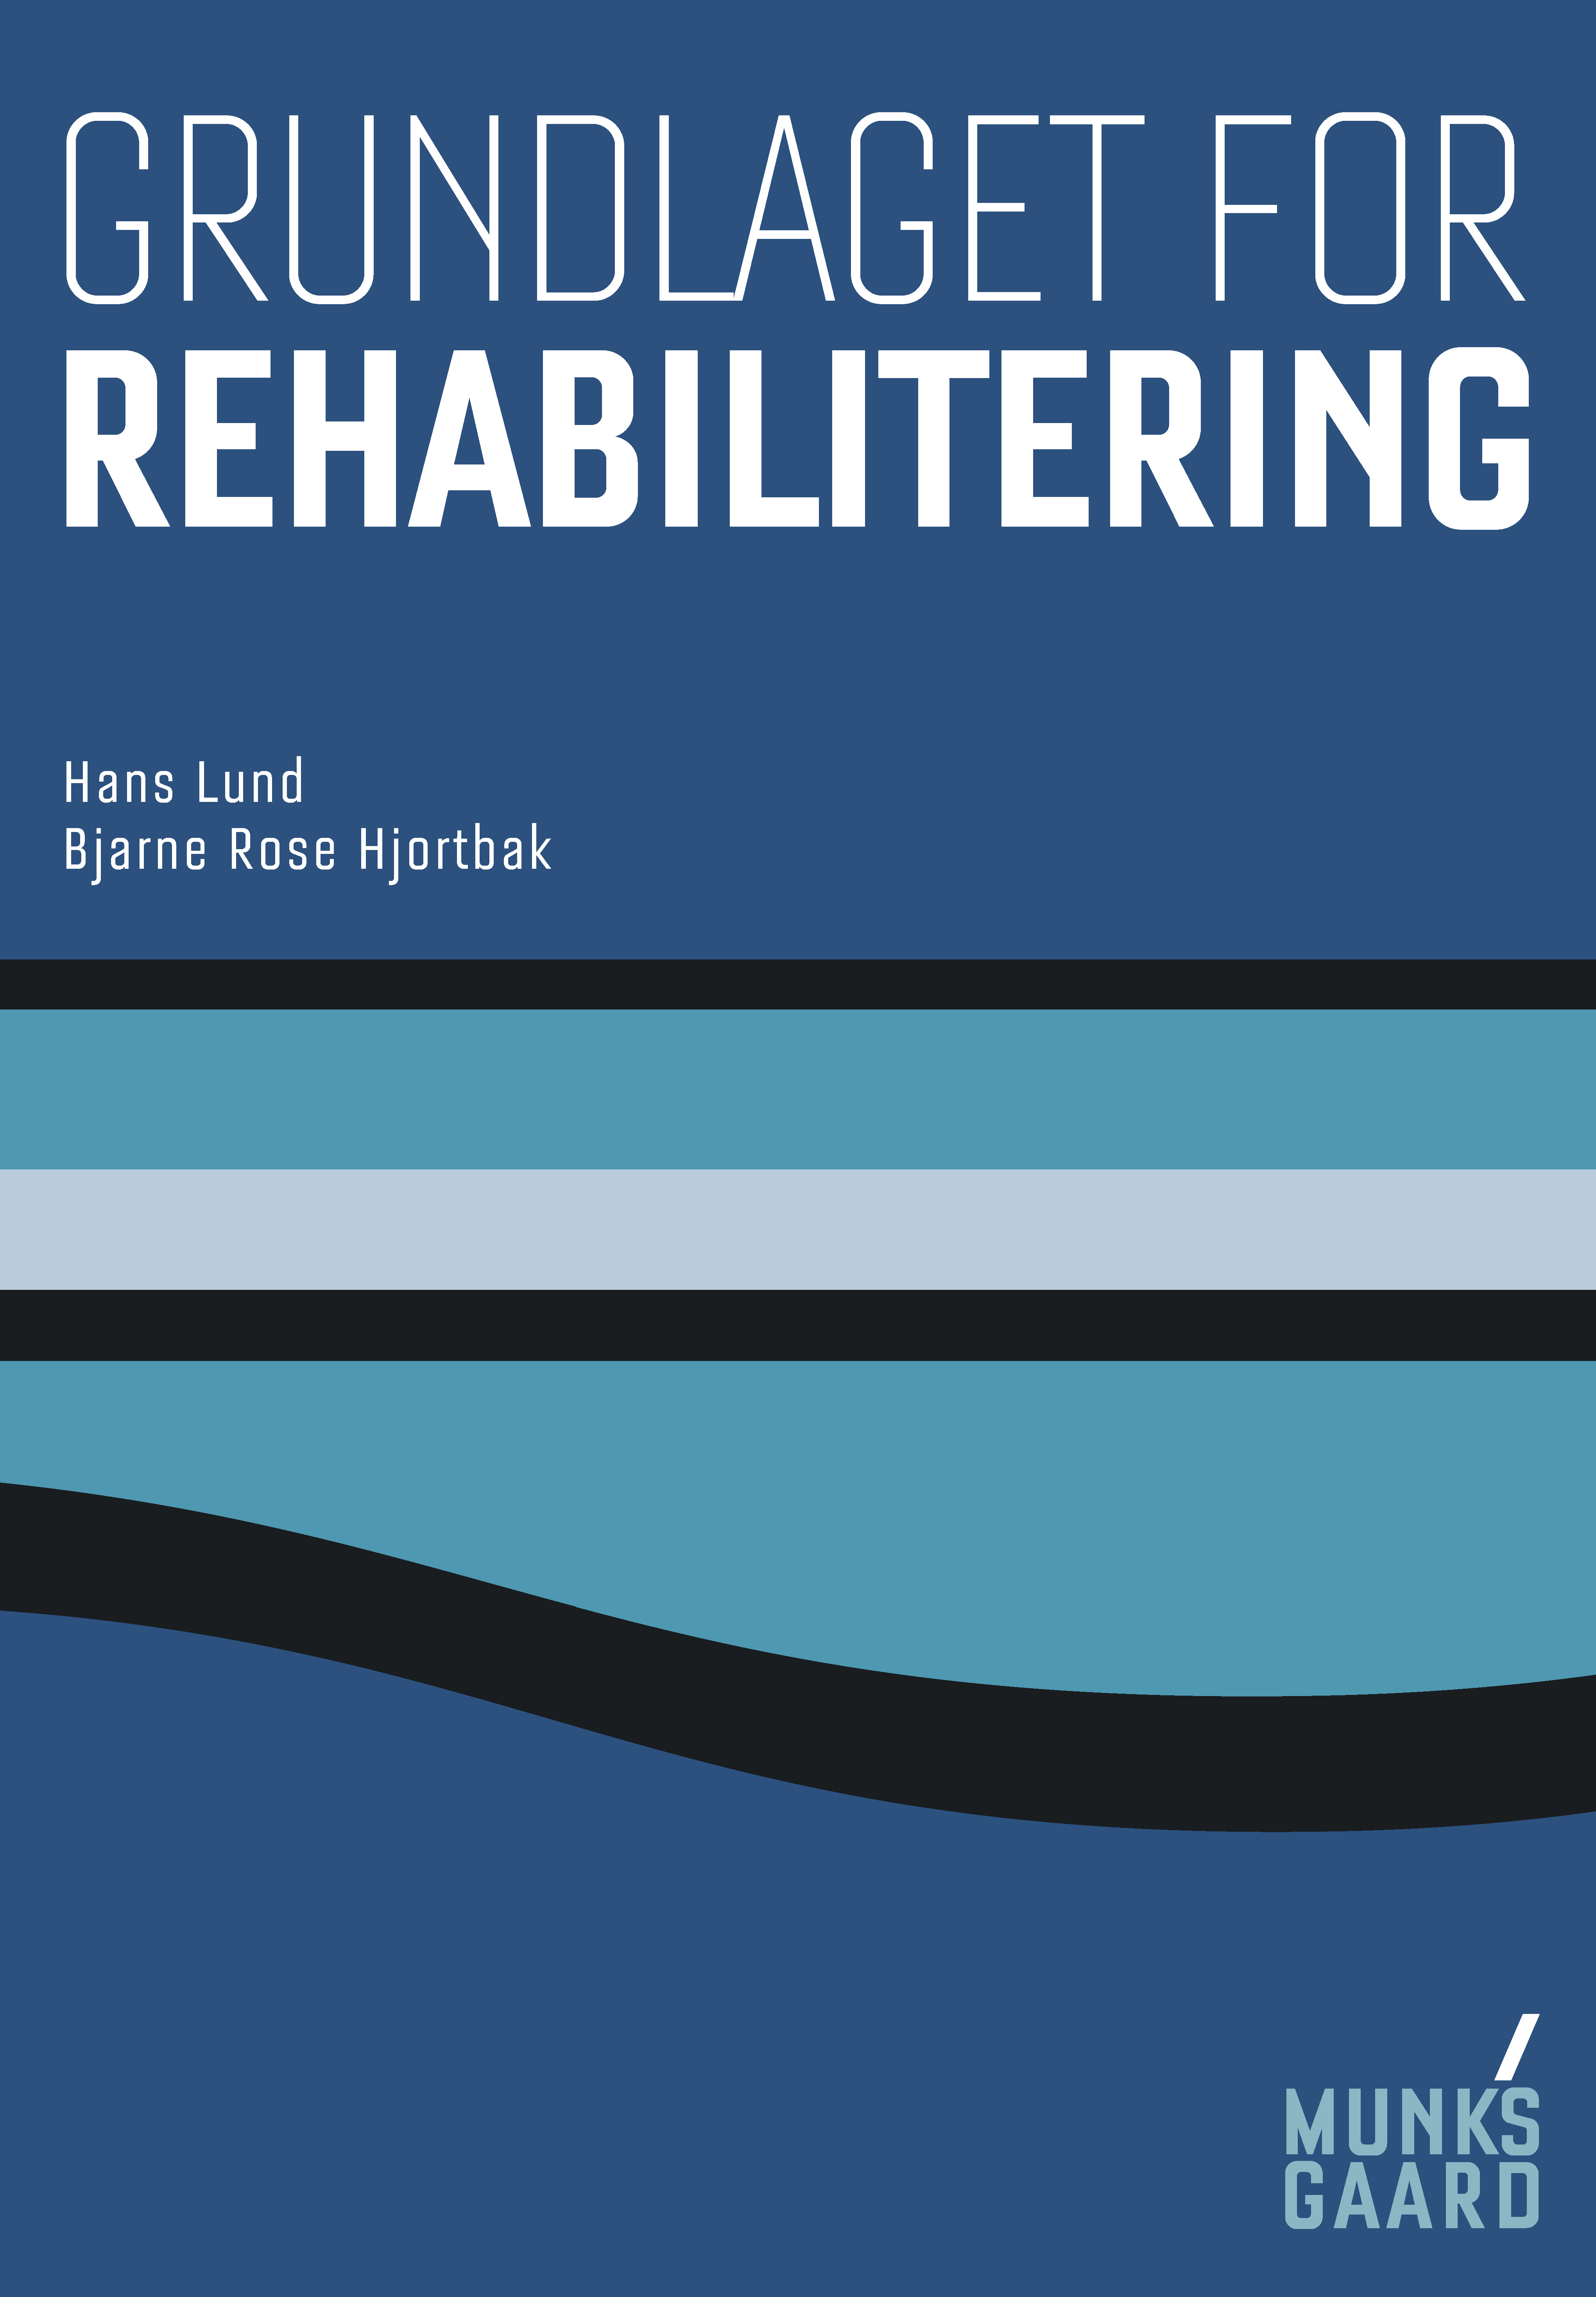 Grundlaget for rehabilitering